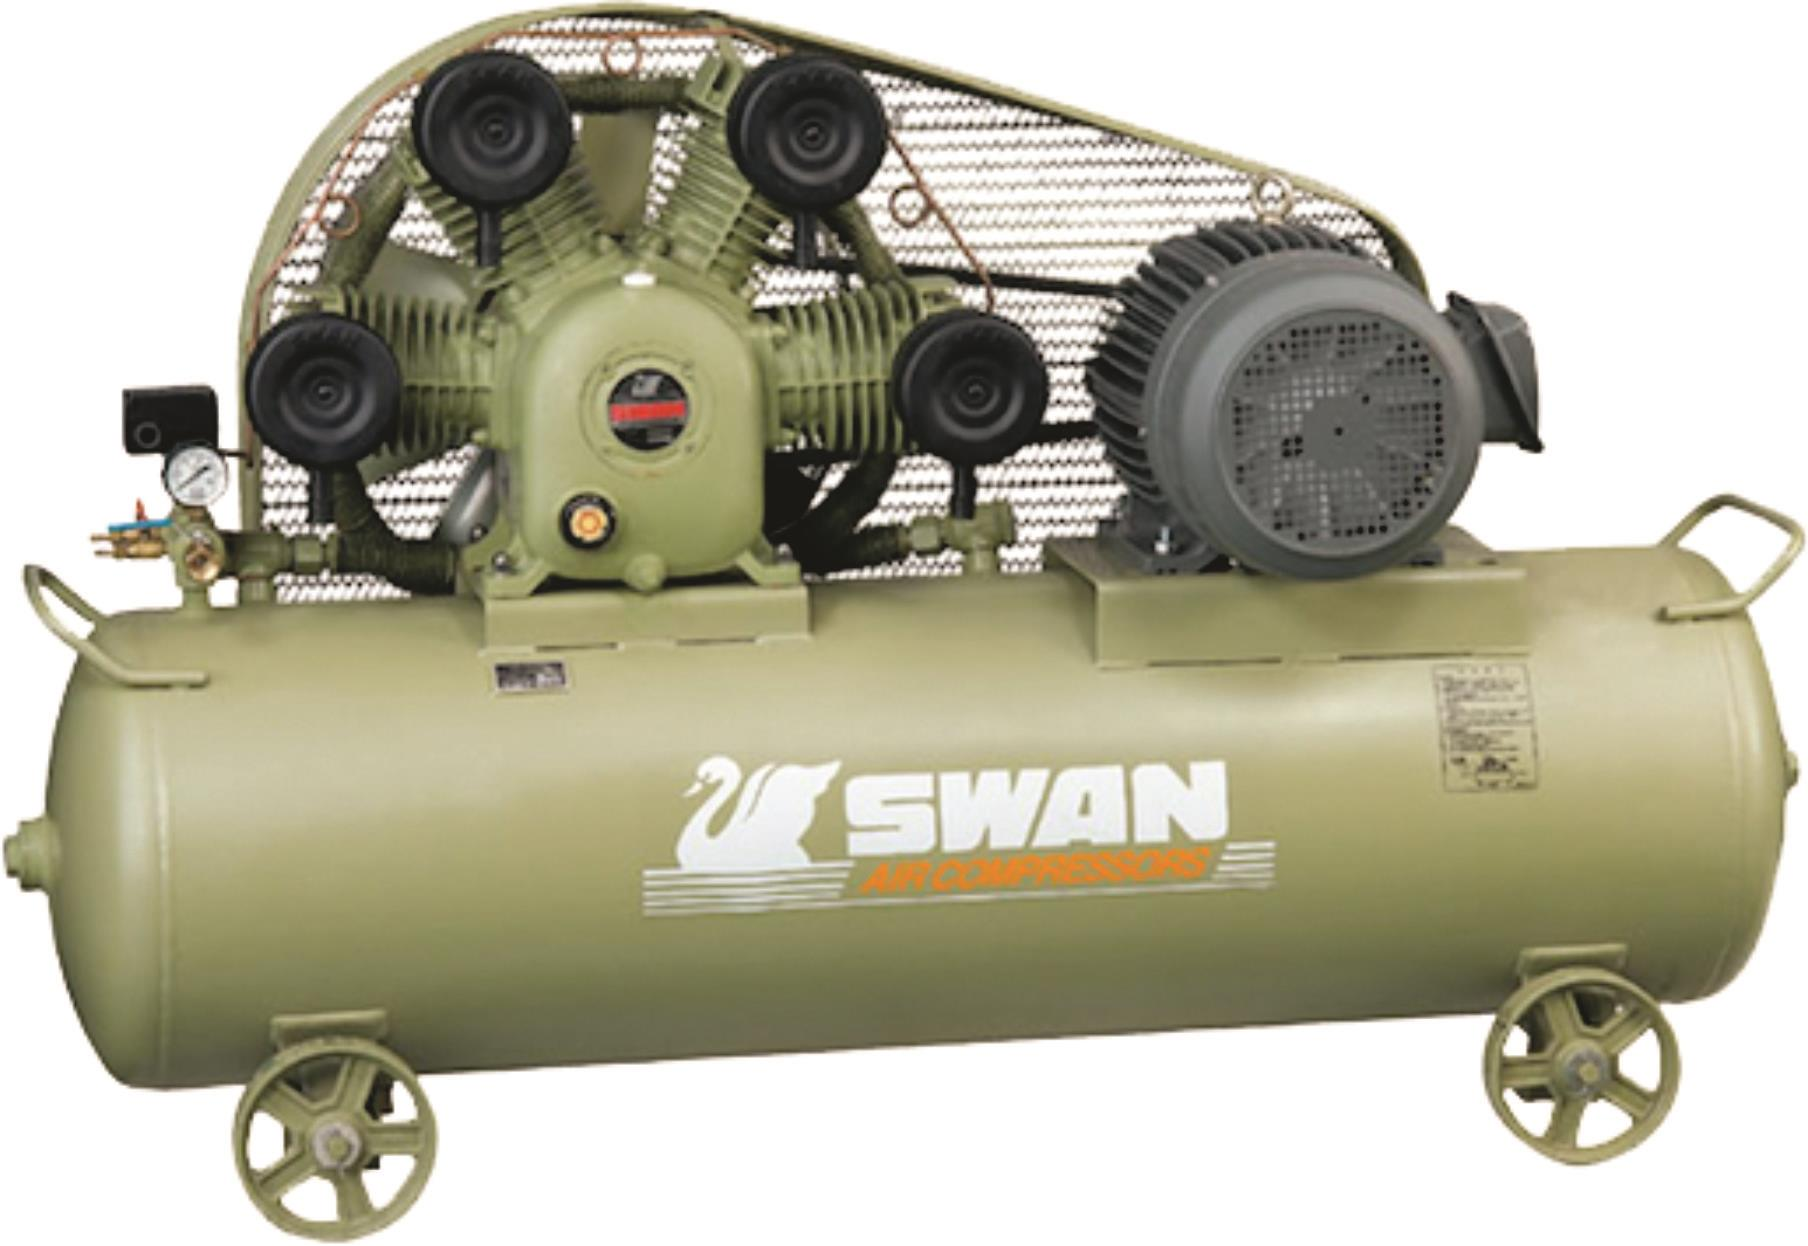 Jual Swan Compressors Harga Murah Denpasar Oleh Toko Jpt